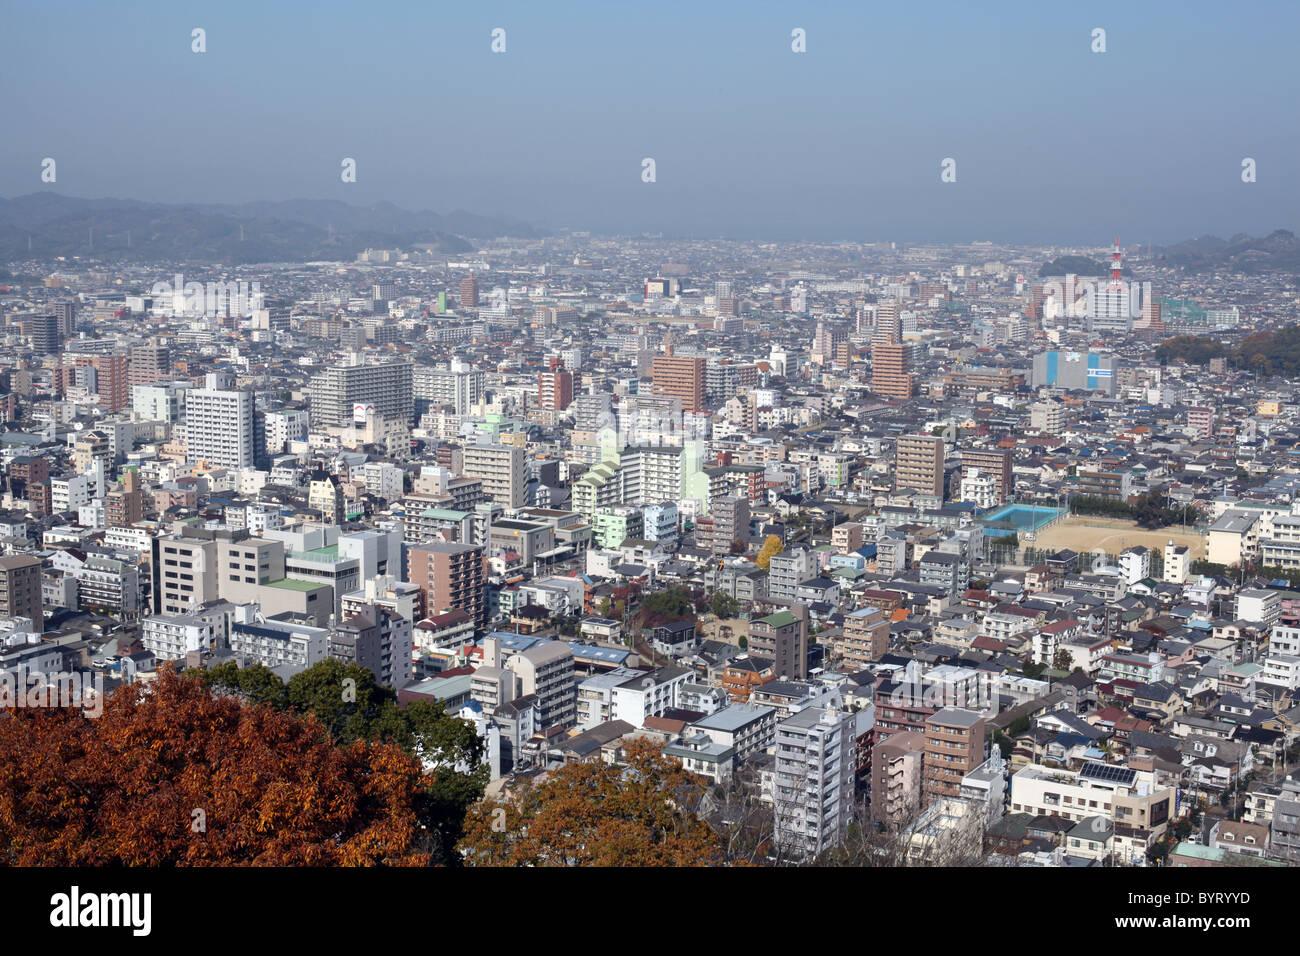 Vue de la ville de Matsuyama, Shikoku, au Japon. Photo Stock